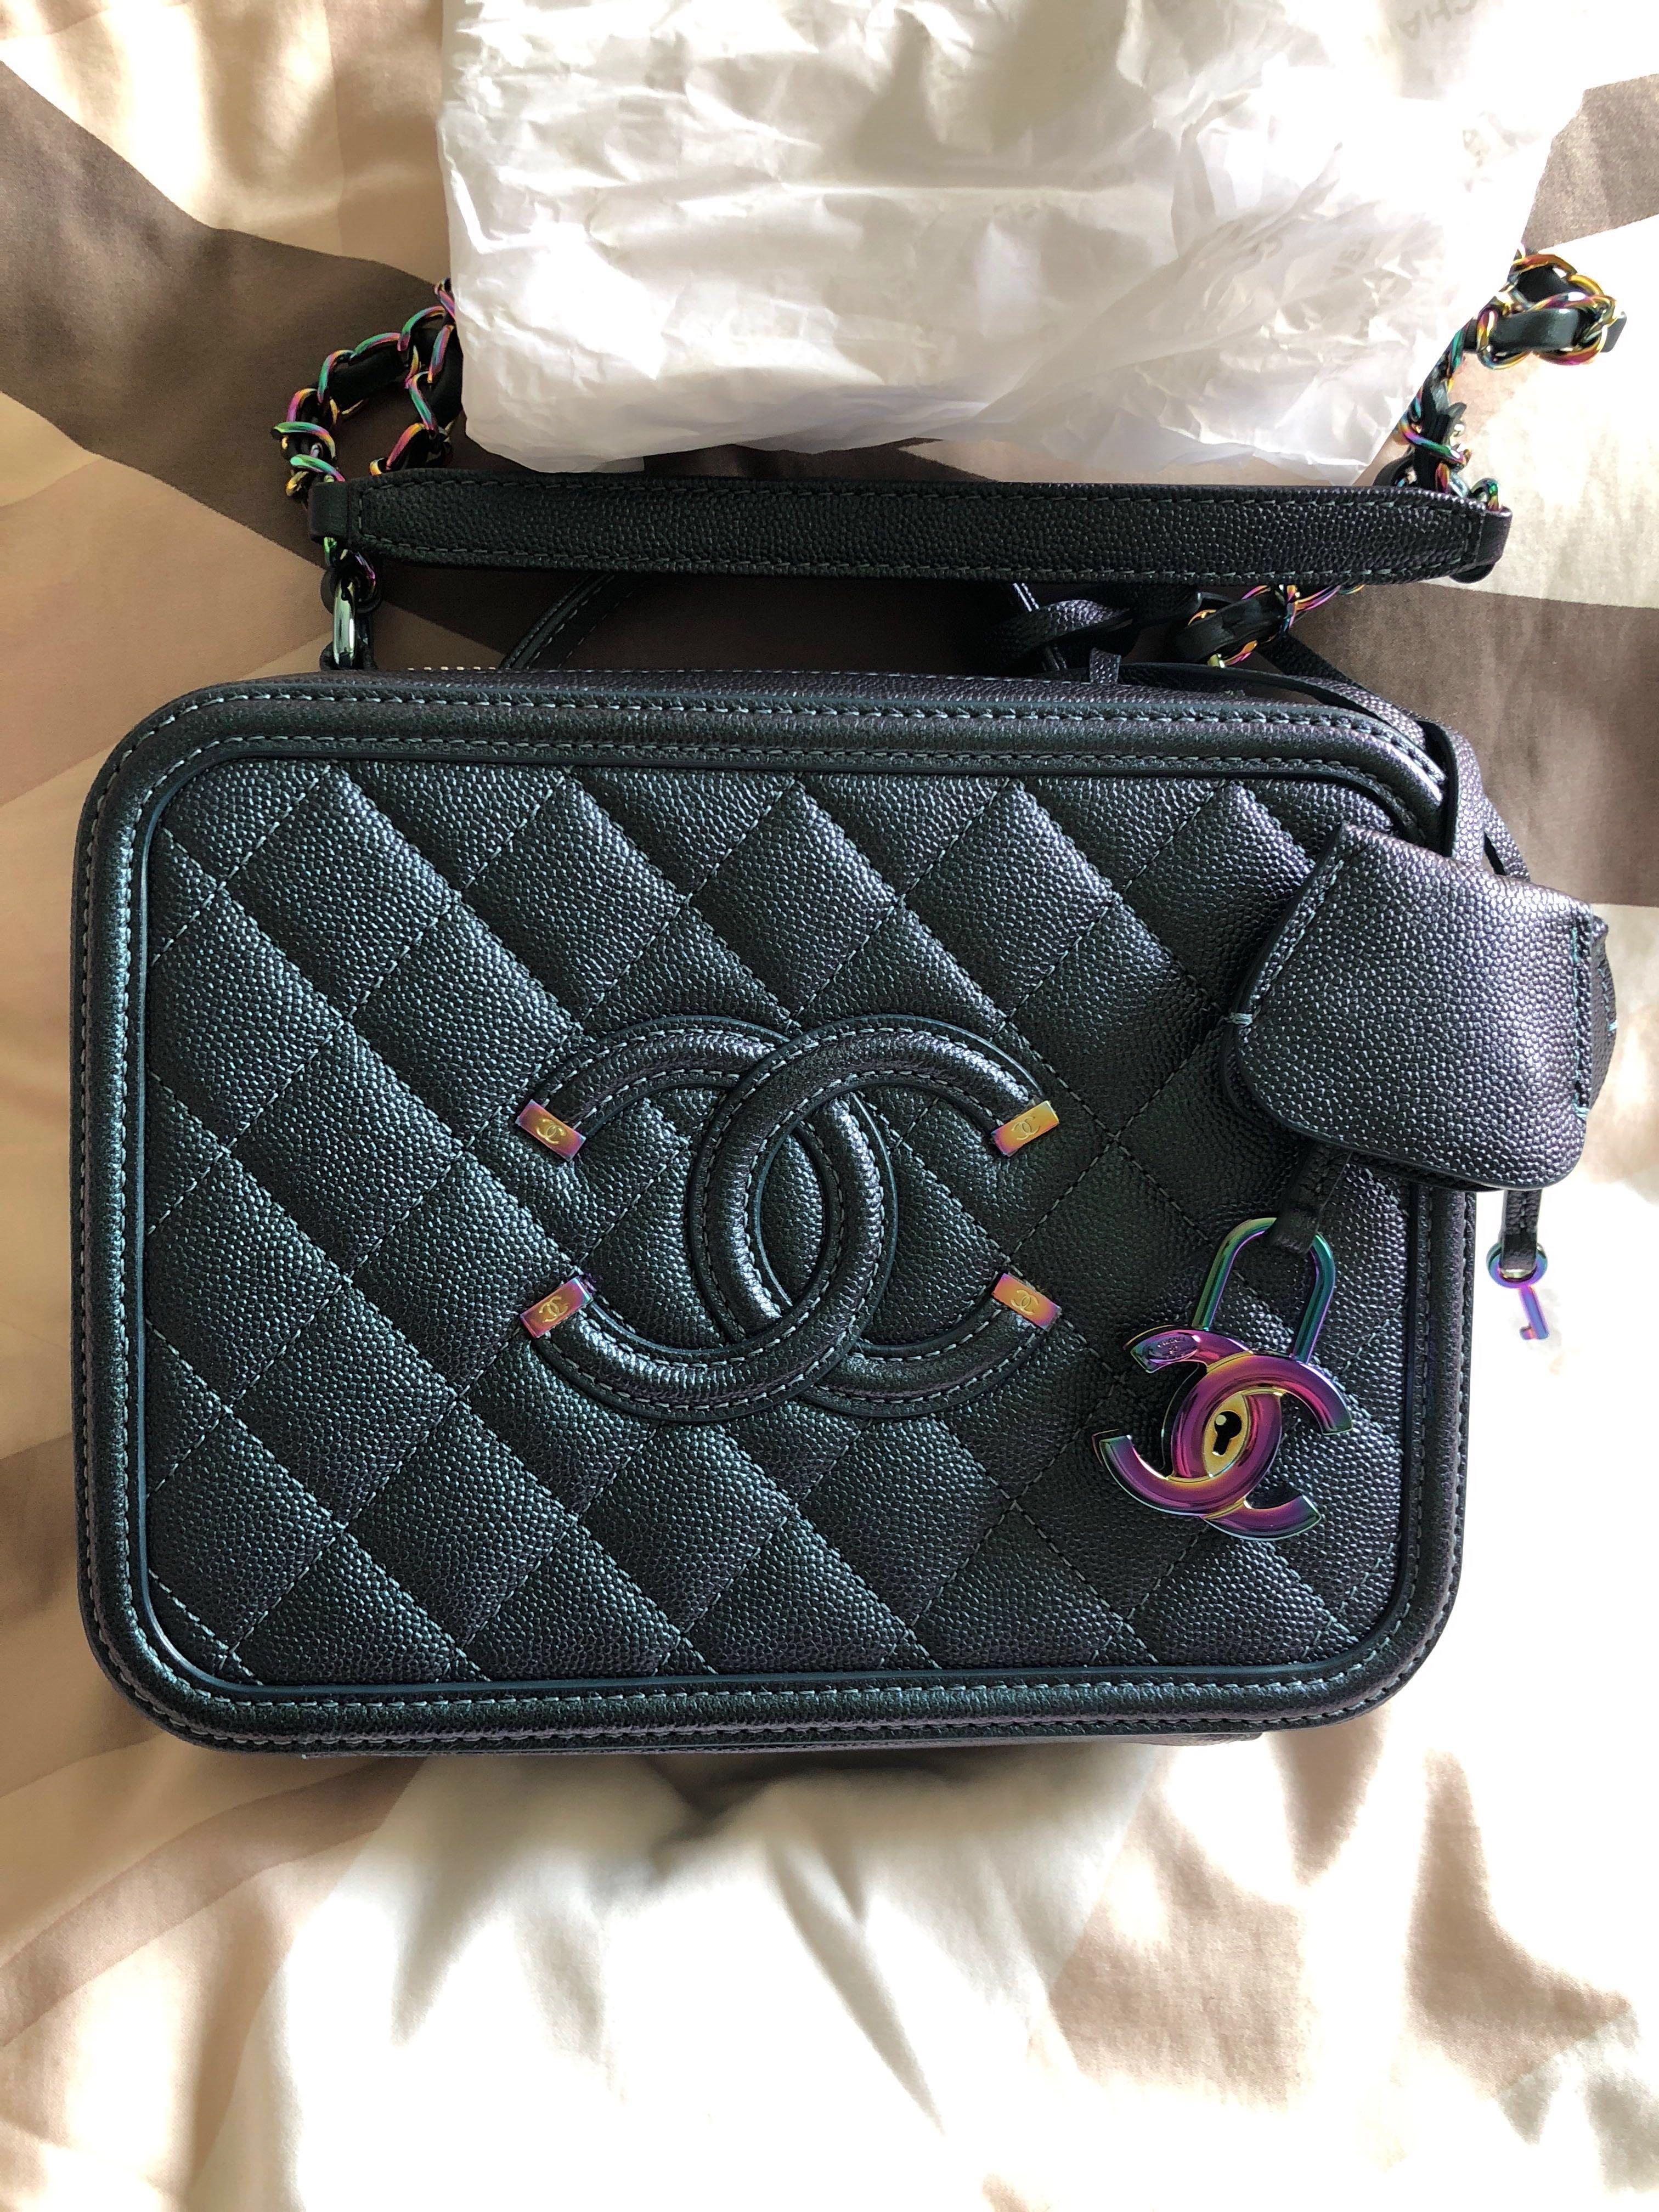 c0684edd58c2 Chanel Vanity Case Rainbow HW